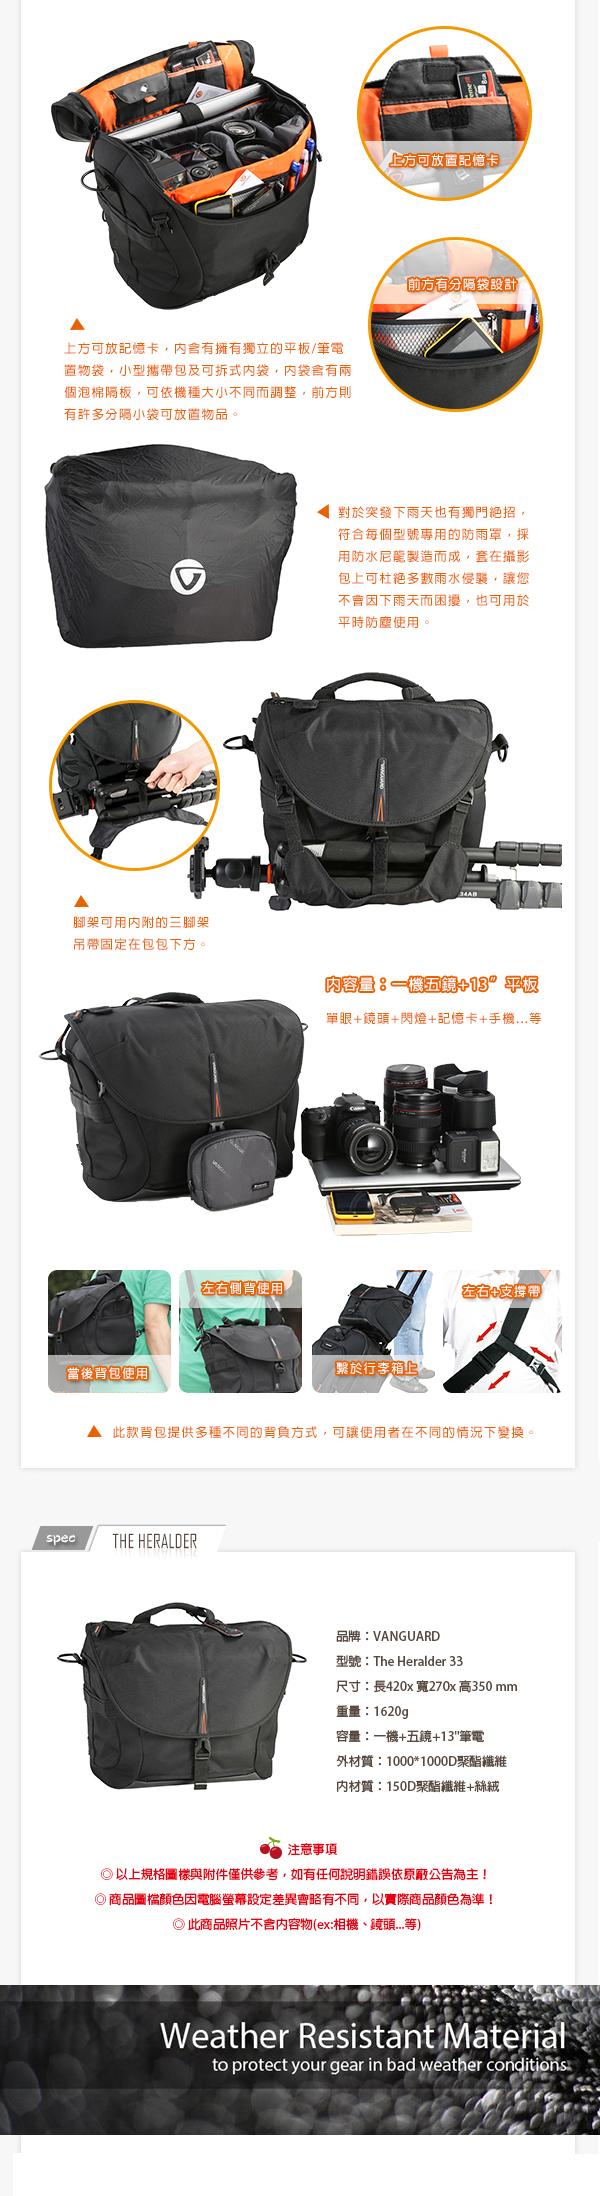 Vanguard The Heralder 33 Shoulder Bag